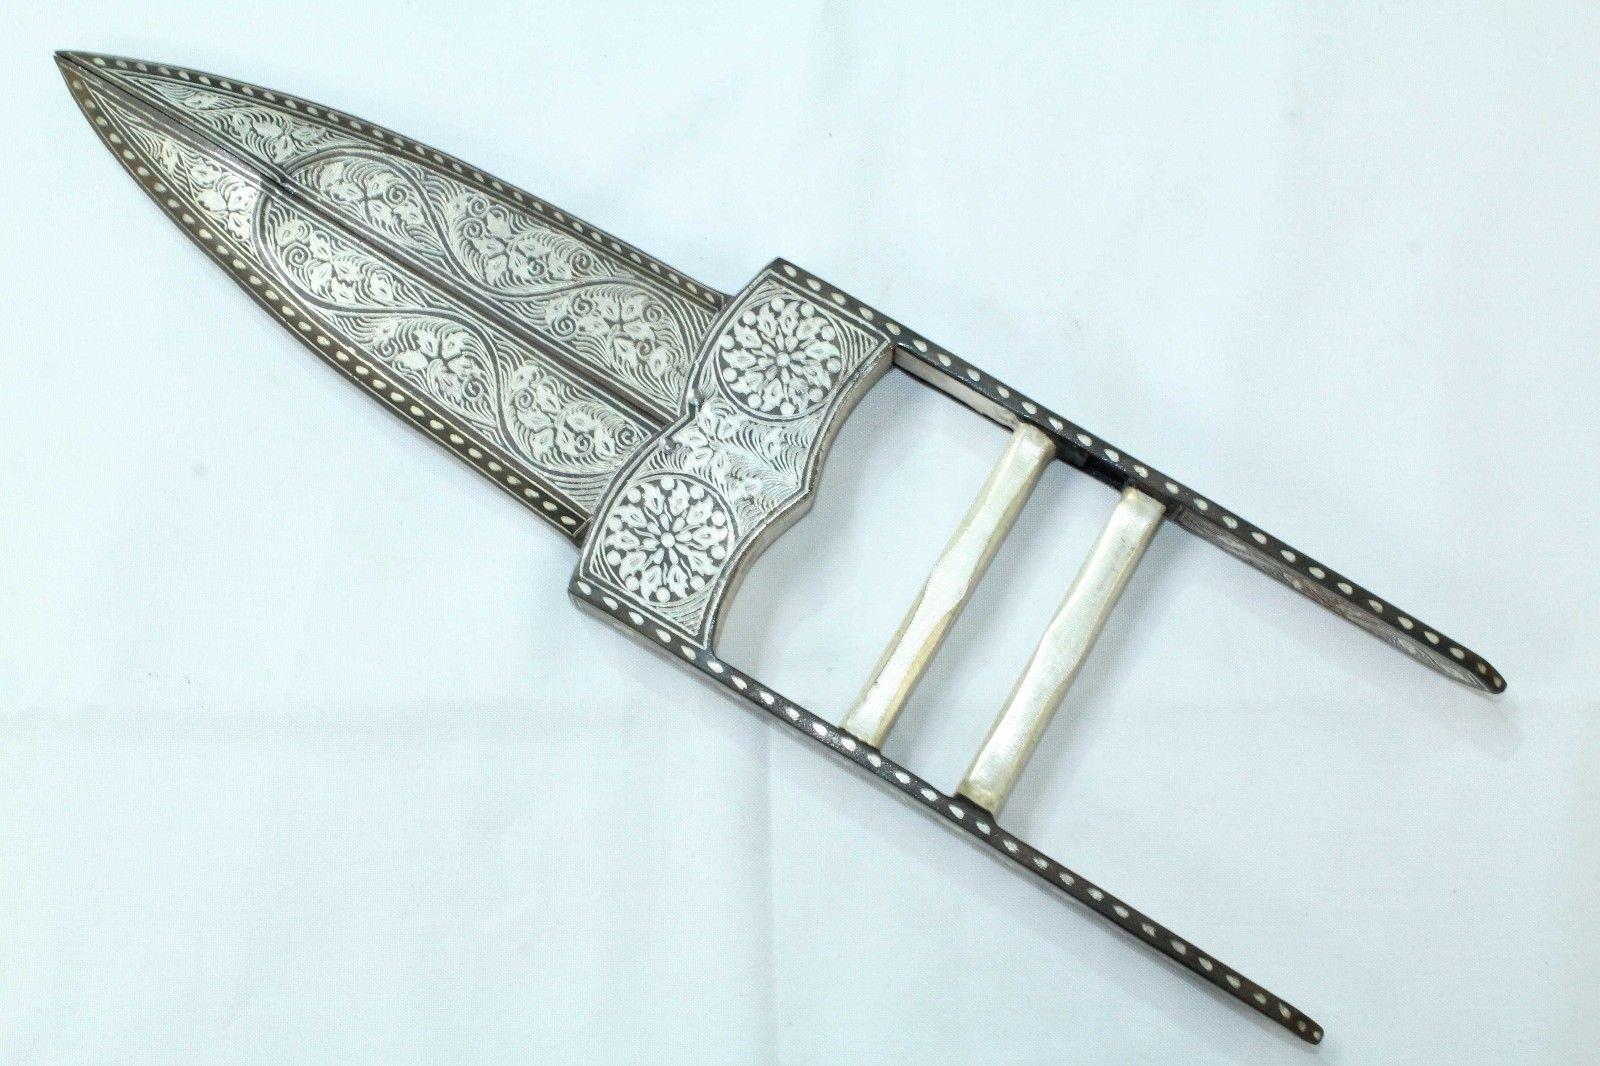 Rajasthan Gems Silver Wire work , Damascus Steel Blade Dagger , Scissor Knife Antique